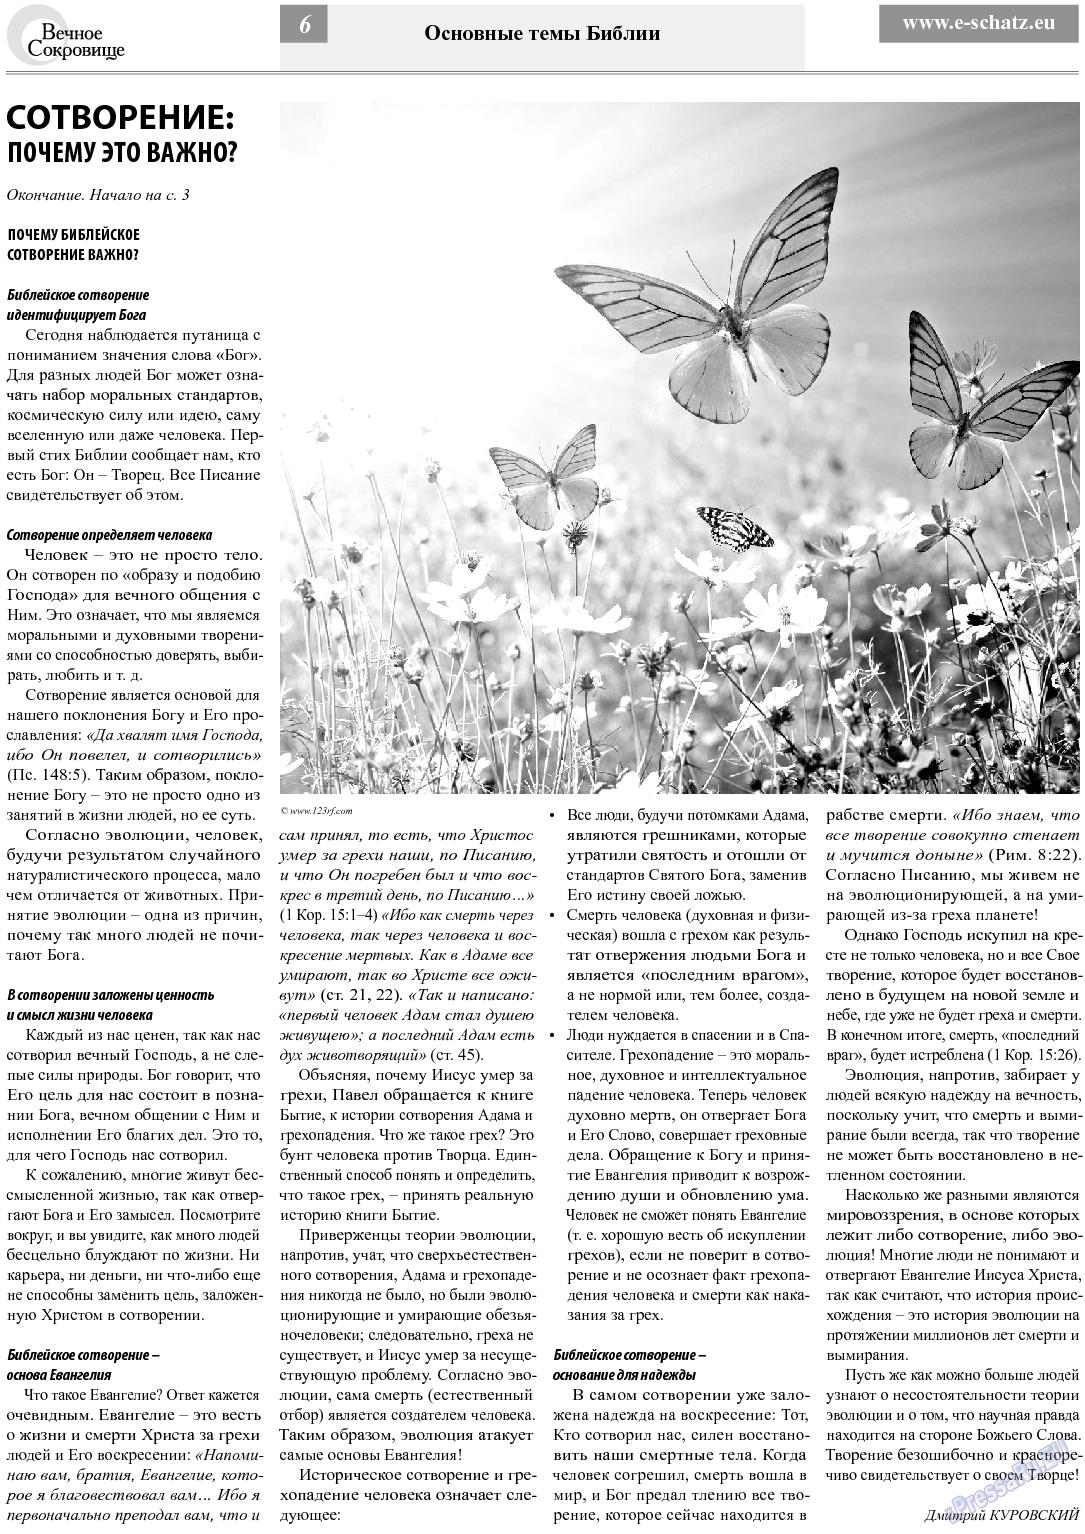 Вечное сокровище (газета). 2013 год, номер 5, стр. 6